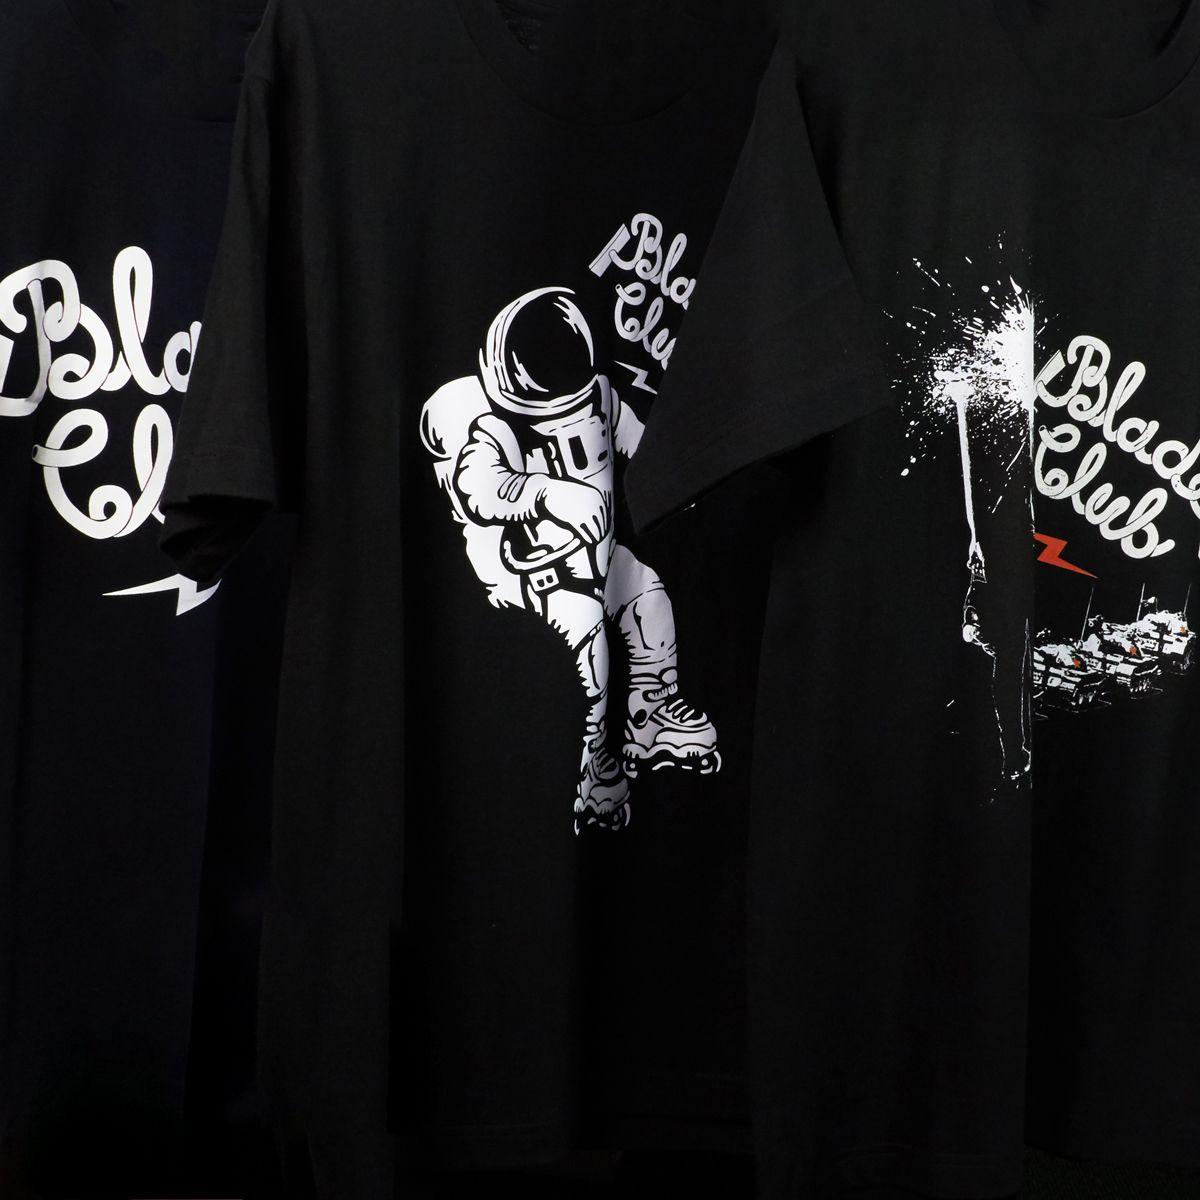 Blade club Tee's Mens tshirts, Mens tops, Mens graphic